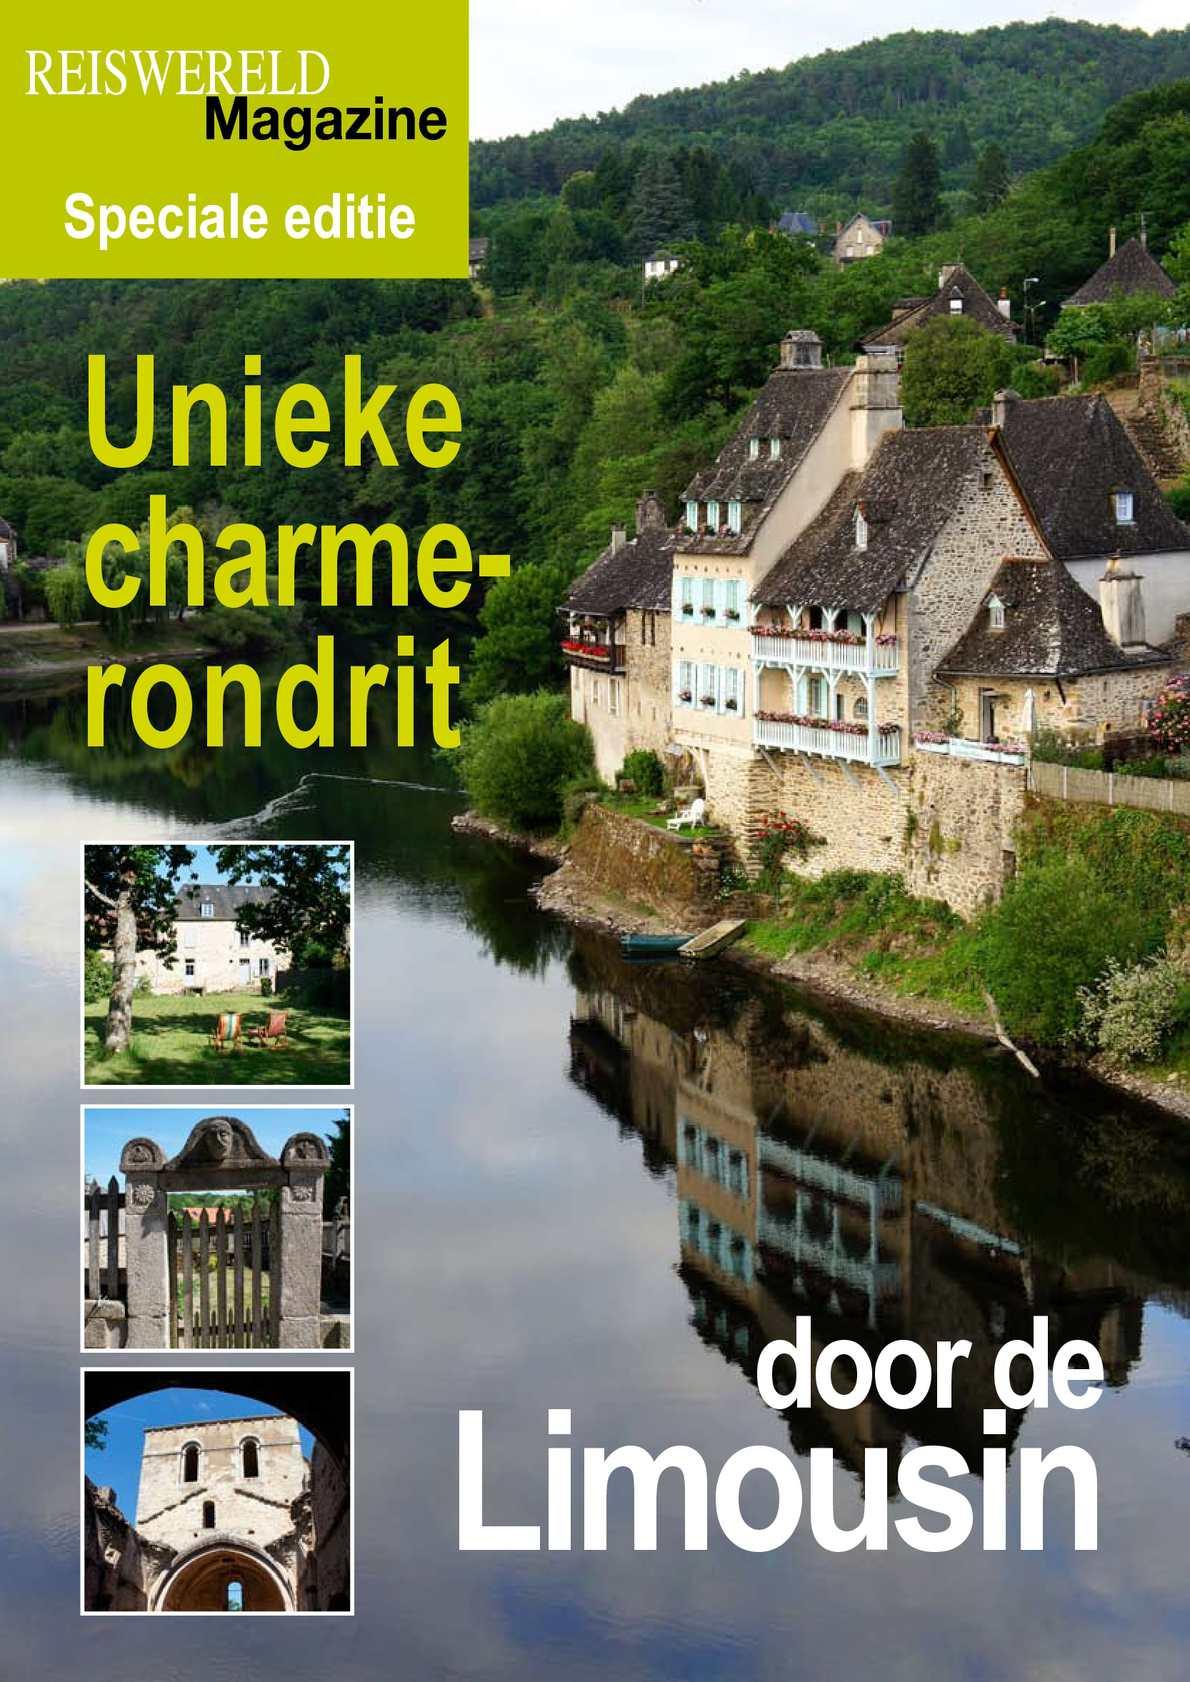 Unieke charmerondrit door de Limousin, een reportage van Reiswereld Magazine.be